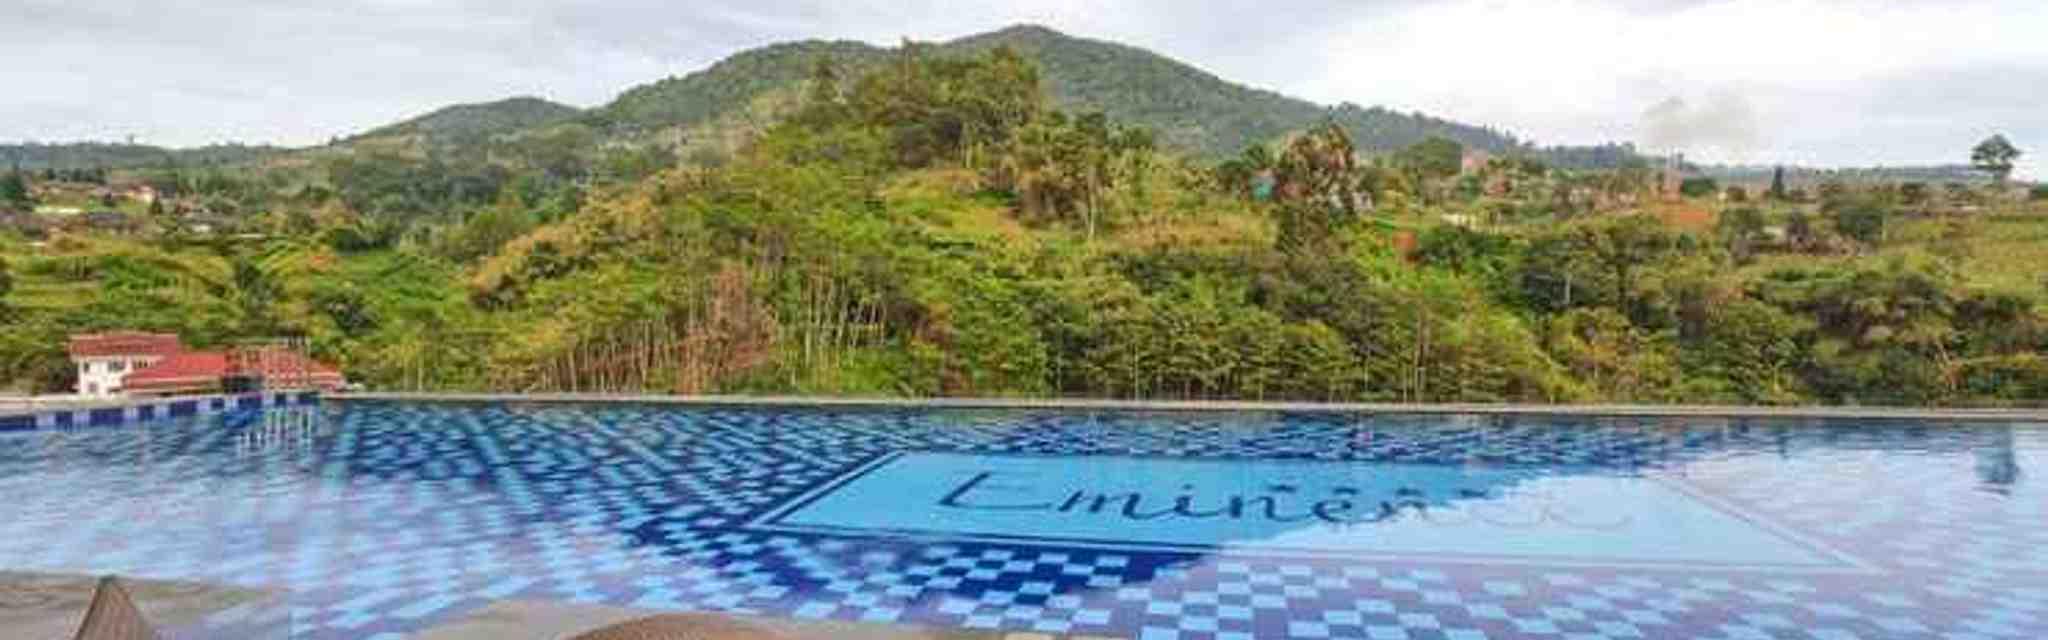 7 Hotel Dengan Infinity Pool Di Bogor Puncak Untuk Liburan Ala Bali